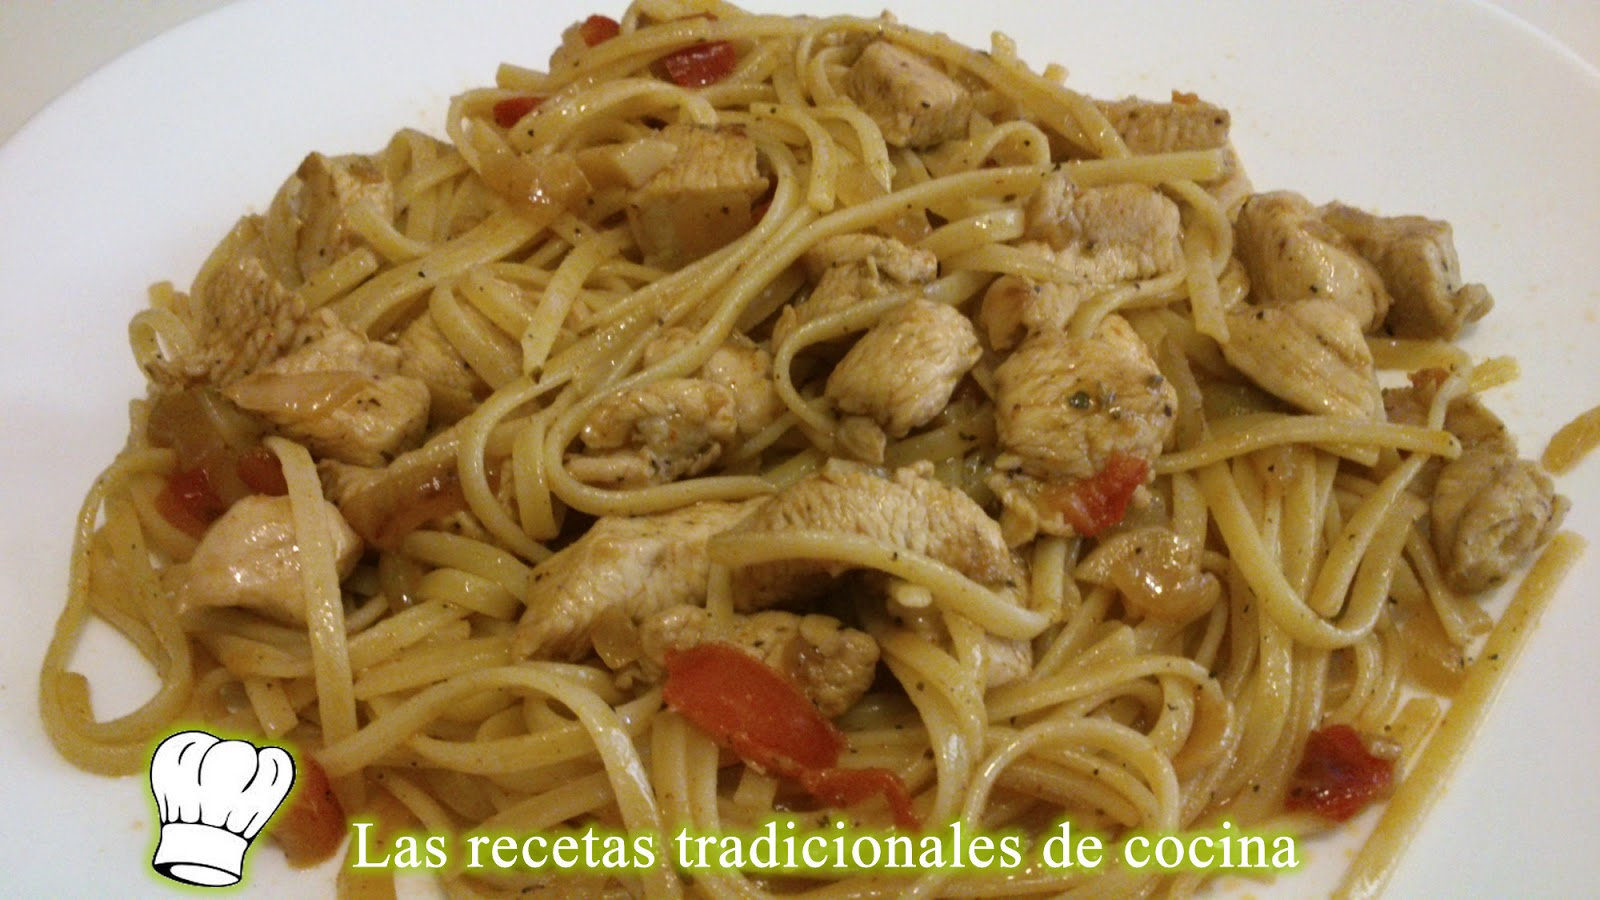 Receta de tallarines o espaguetis con pollo recetas de - Como hacer espaguetis al pesto ...